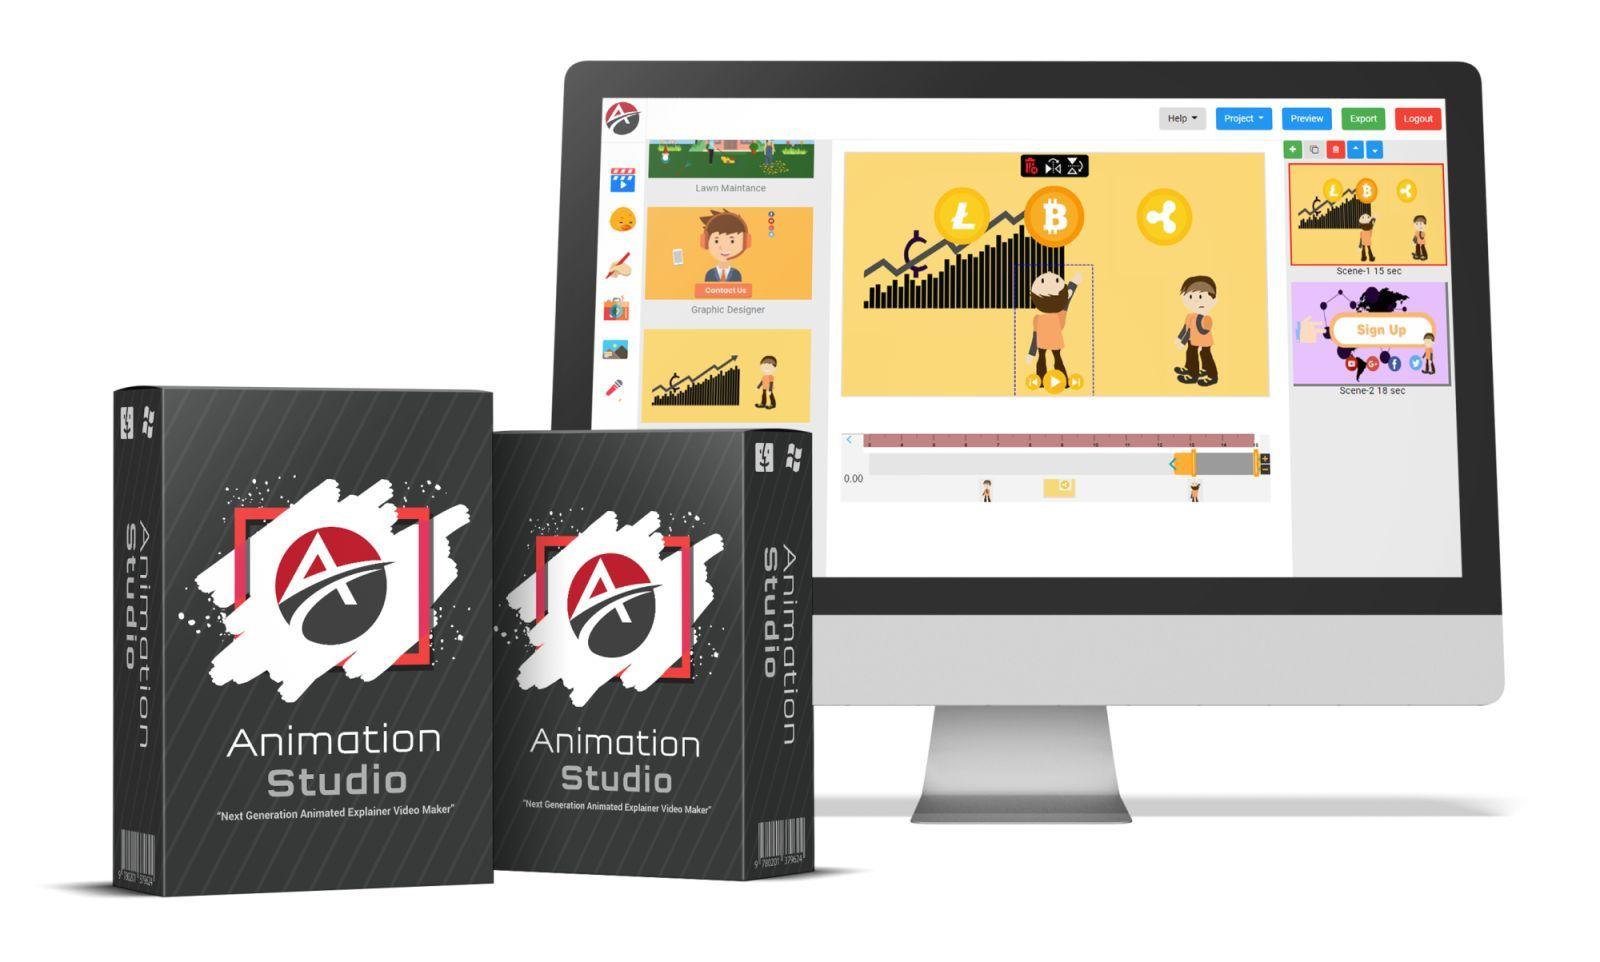 Pin by Kenvin on Social Marketing Online Video maker app